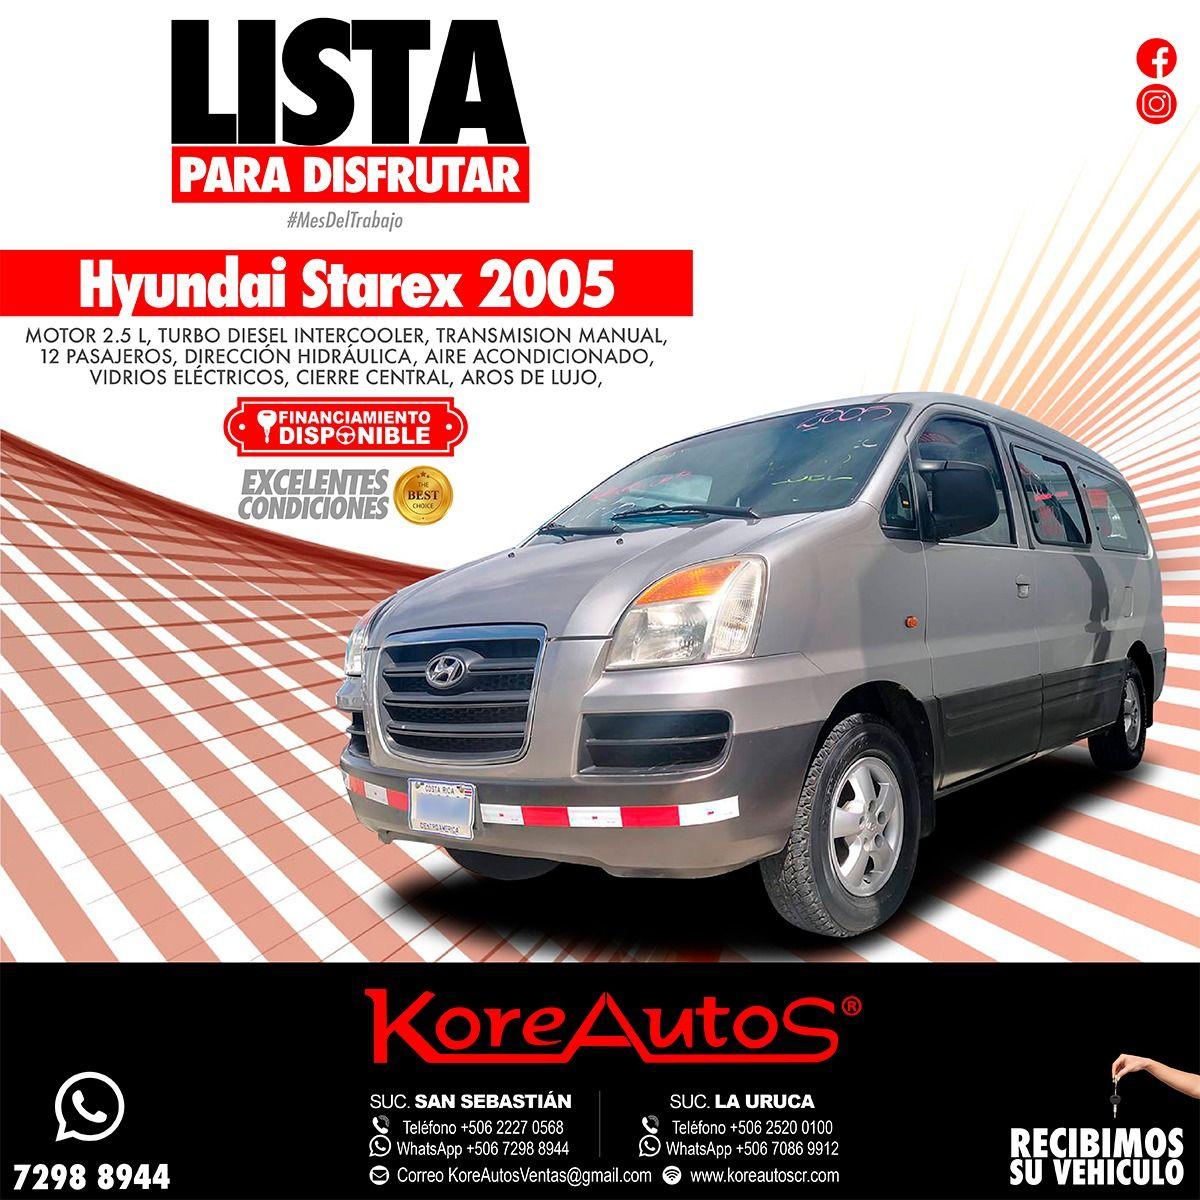 Hyundai Starex 2005 Hyundai, Suv car, Vehicles